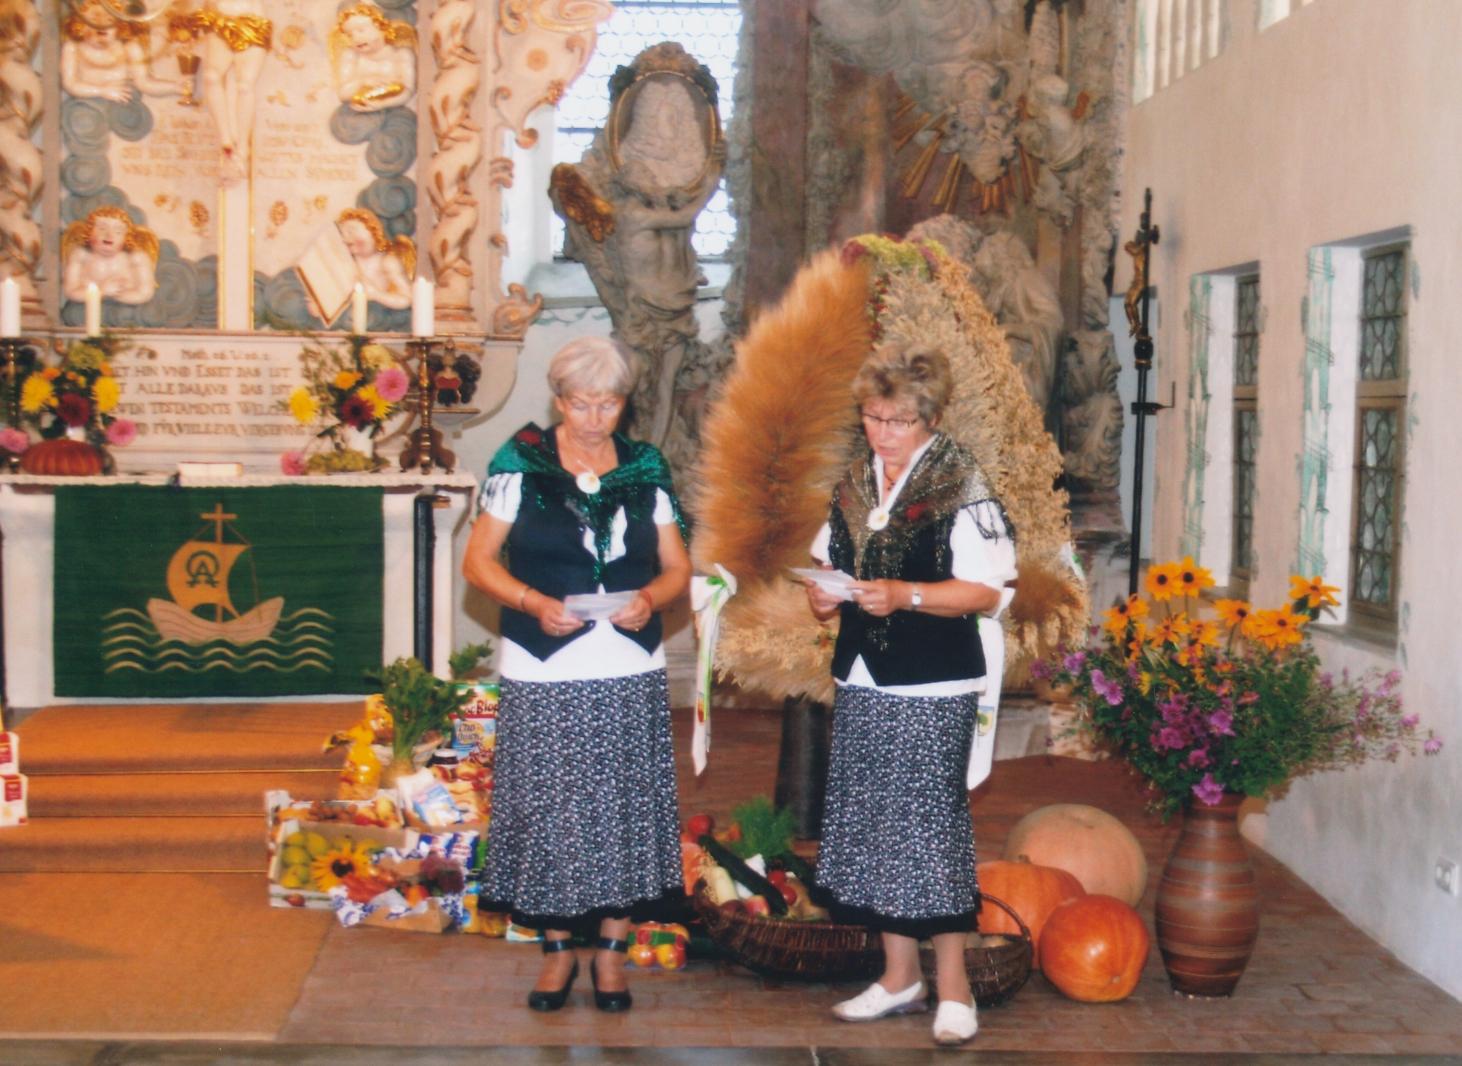 Erntedankfest in der Lindenauer Kirche